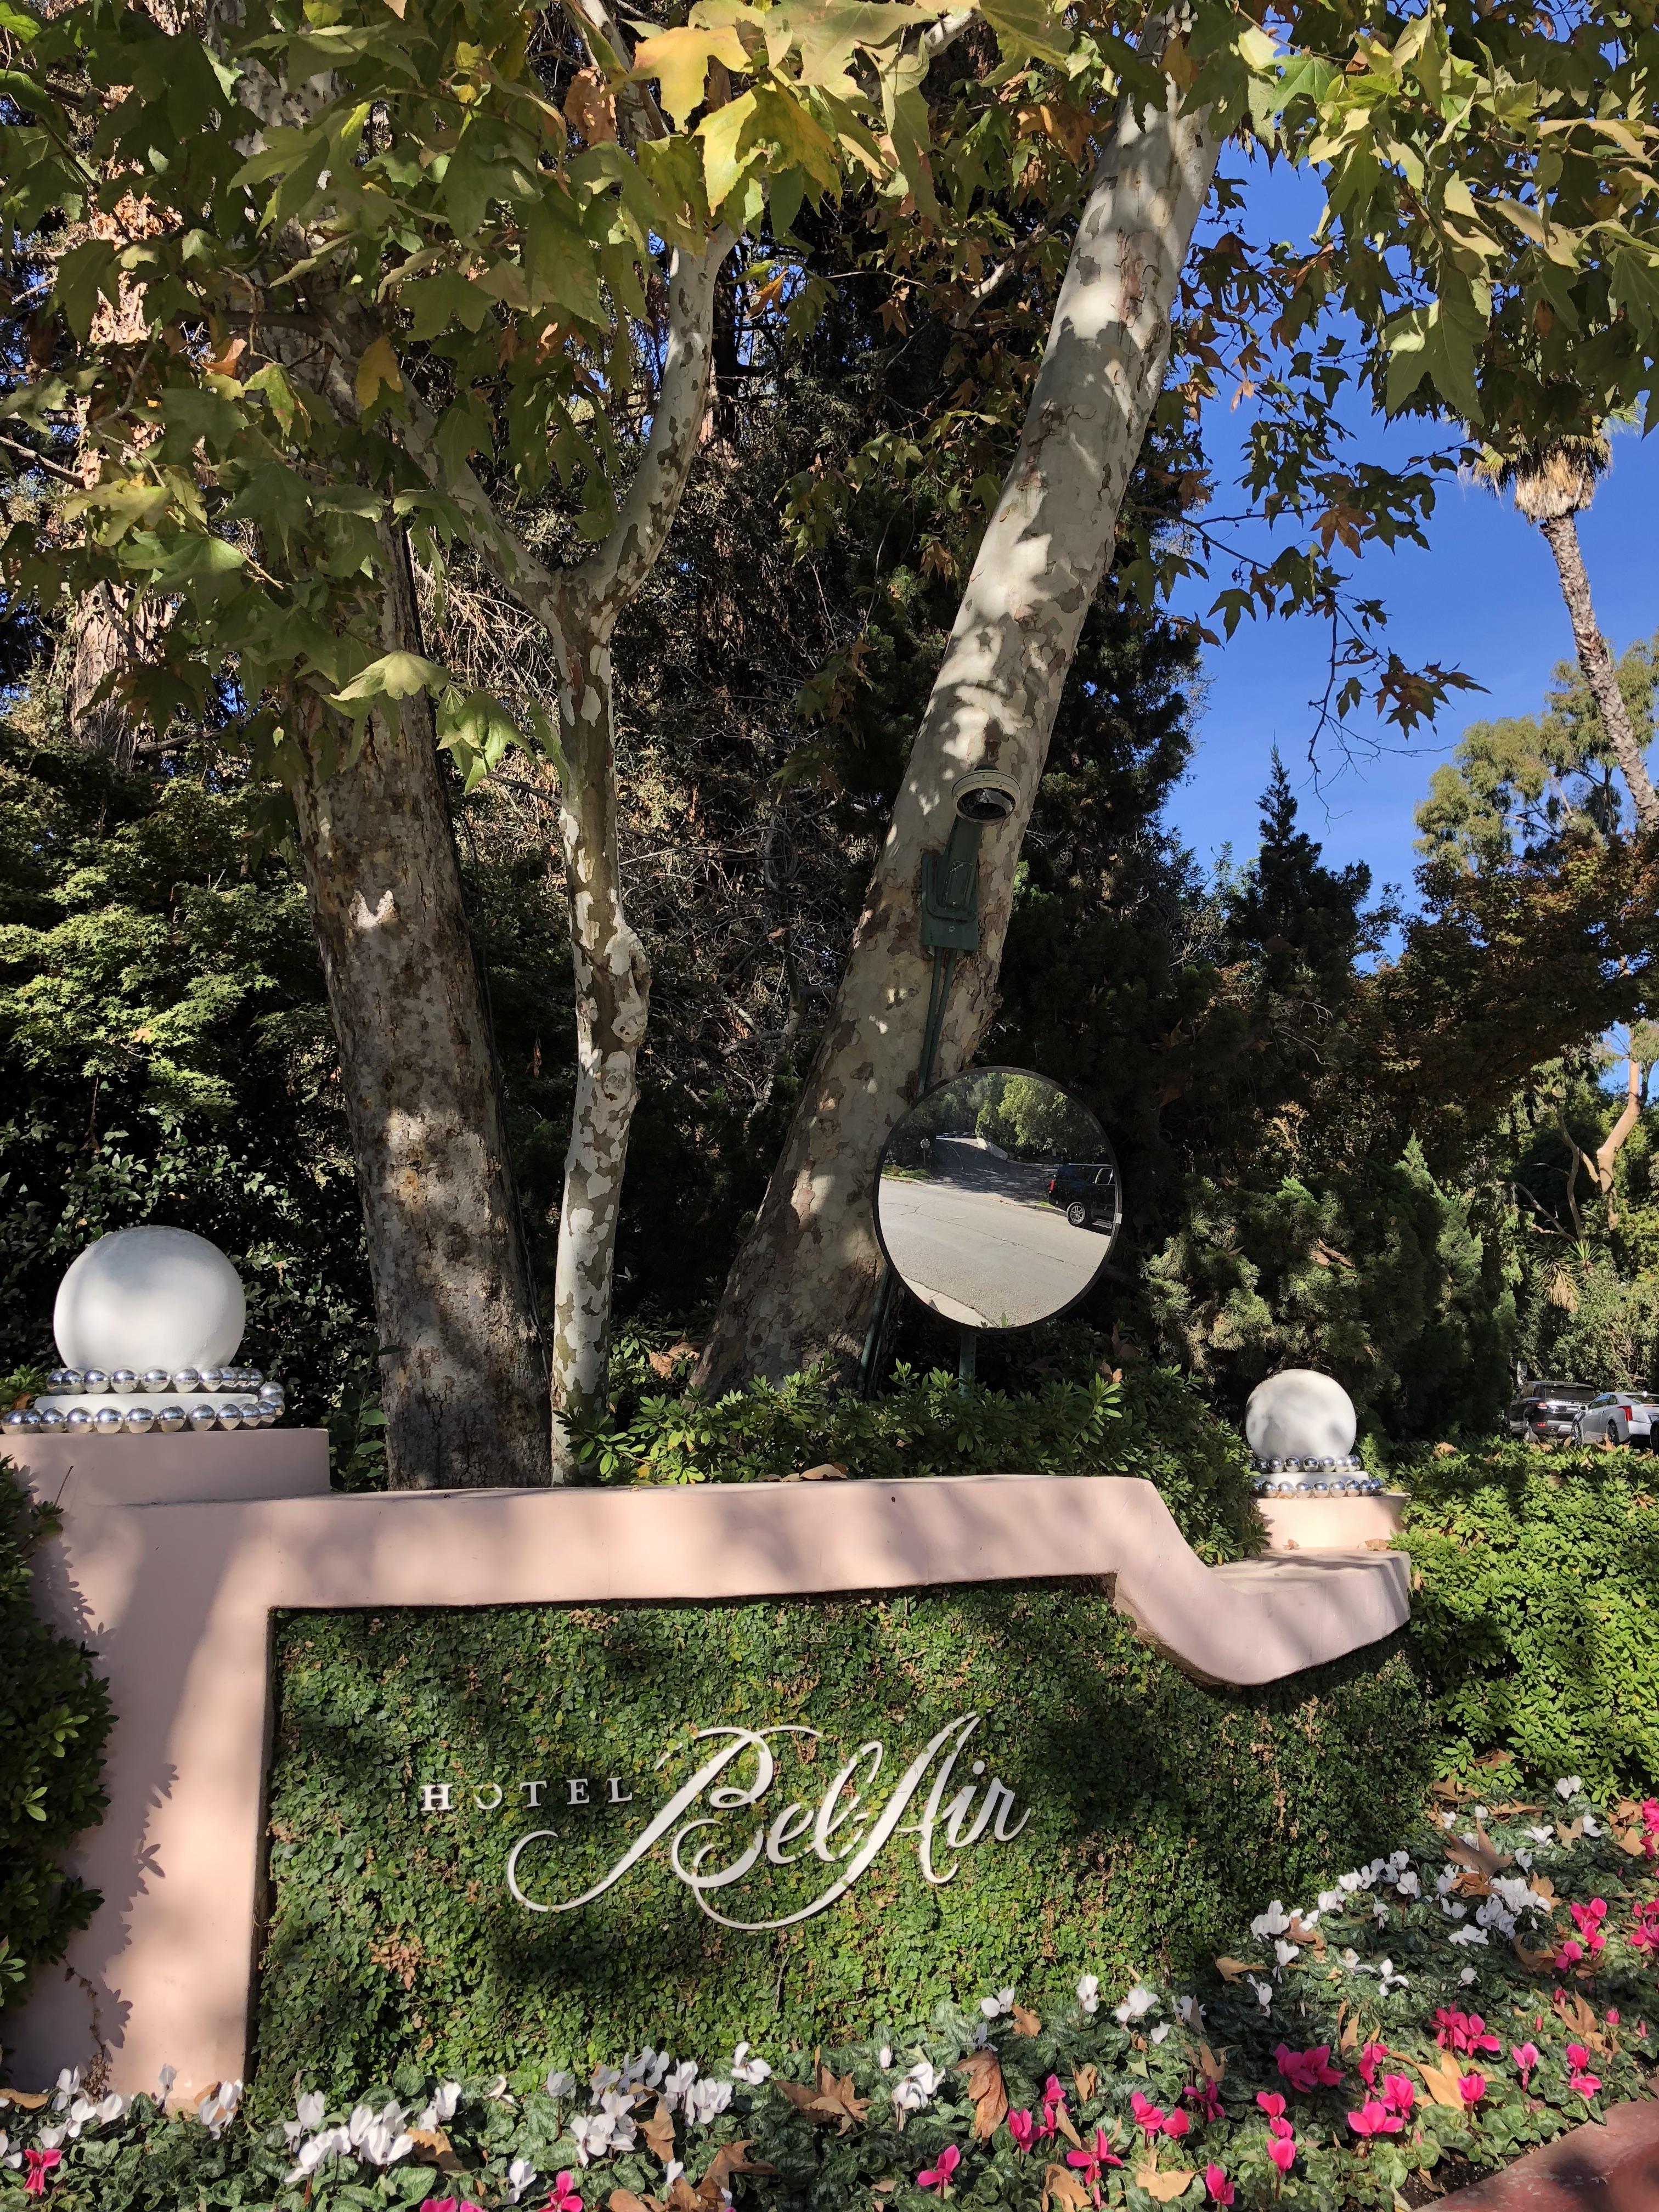 Hotel Bel-Air, Los Angeles, CA